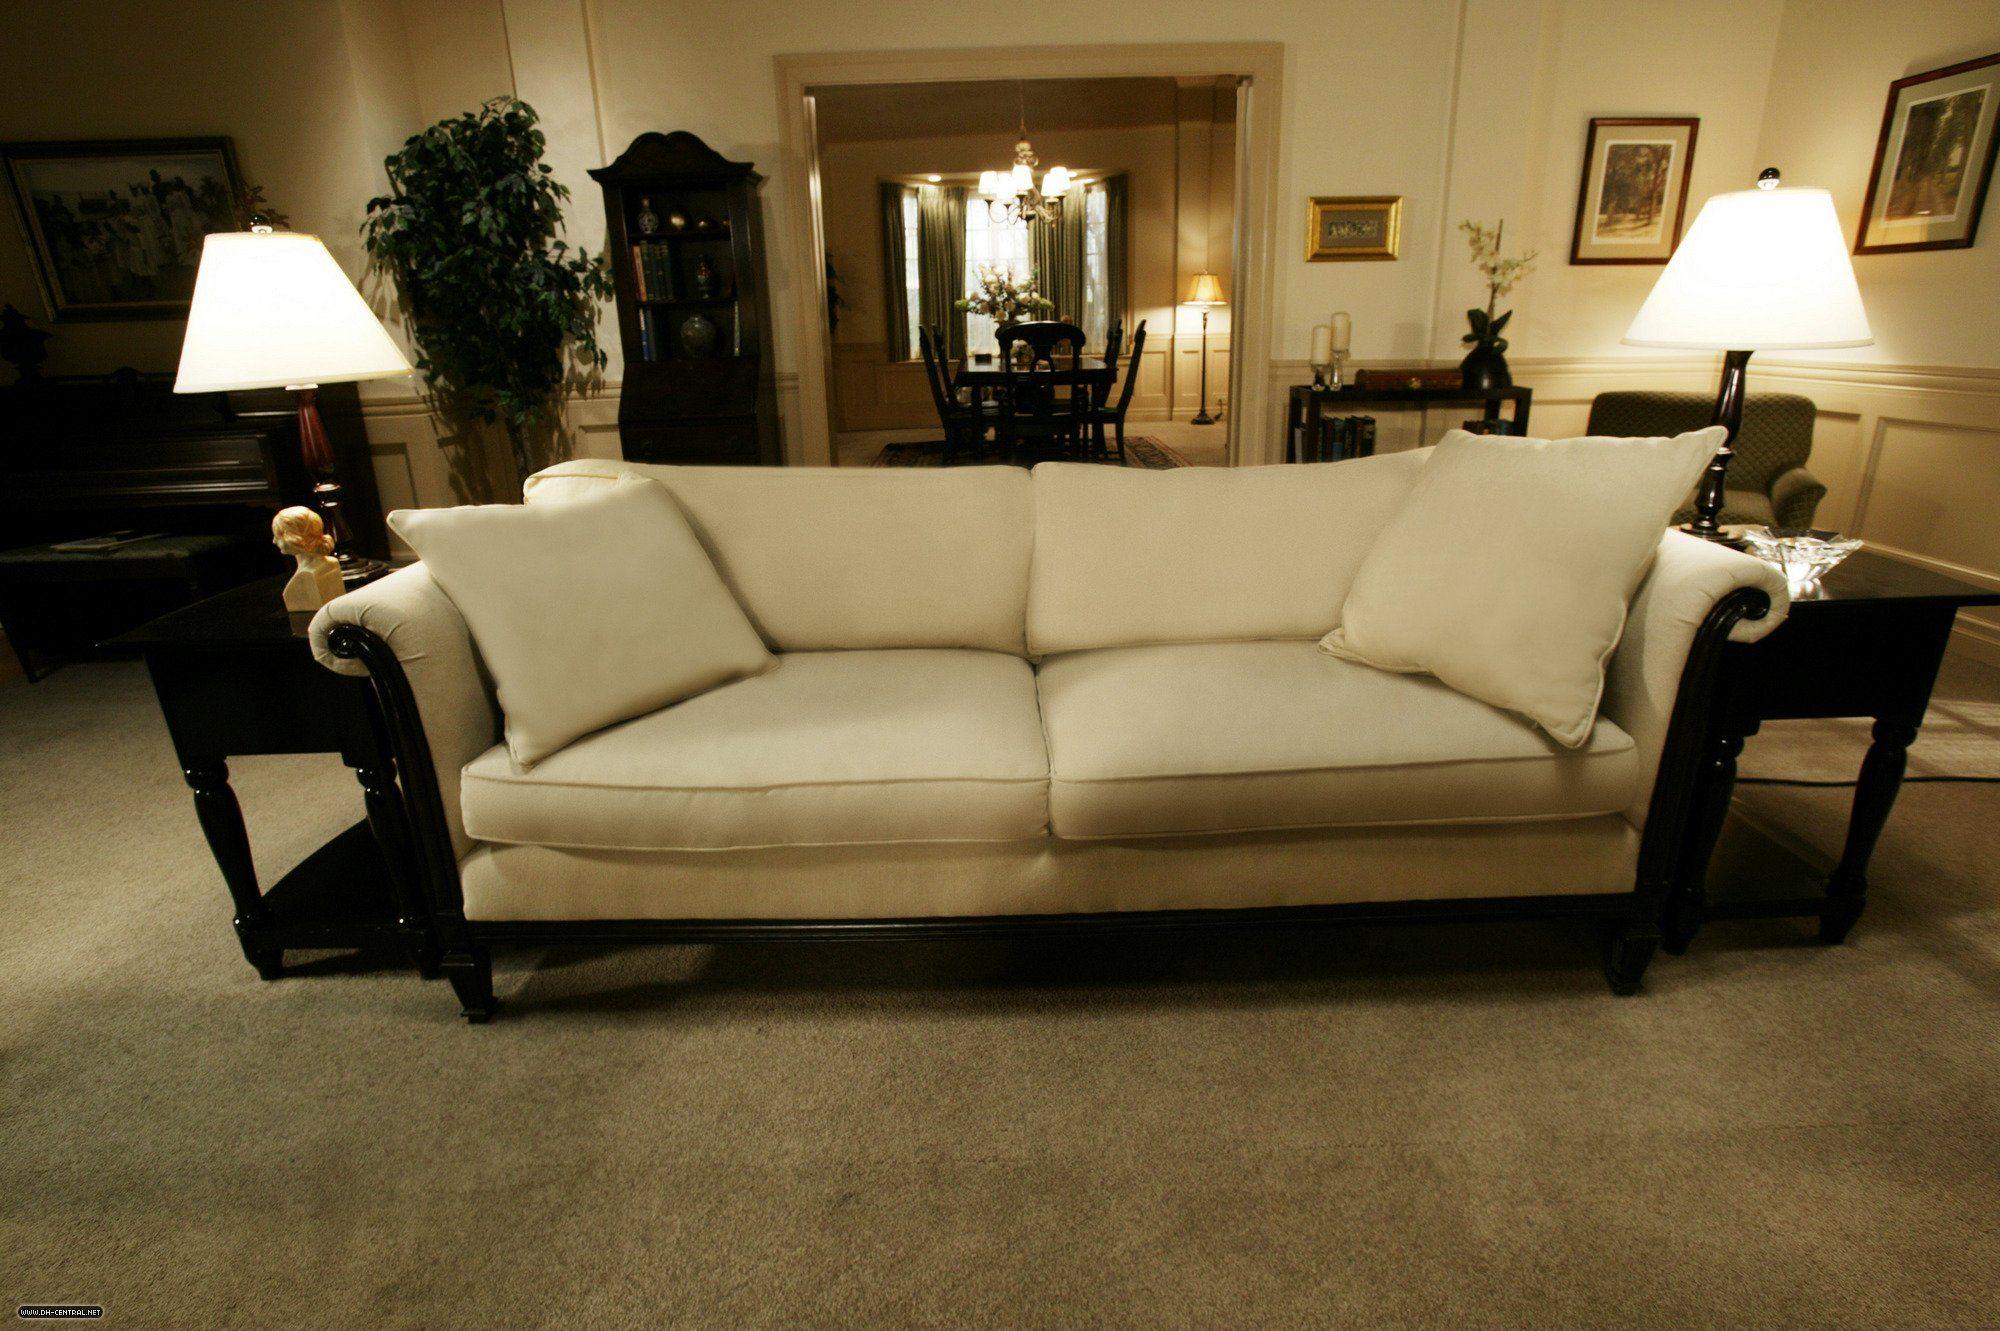 Design dintérieur des films maison films tv house bree bree s home mine interior house interior dh couch bree s living